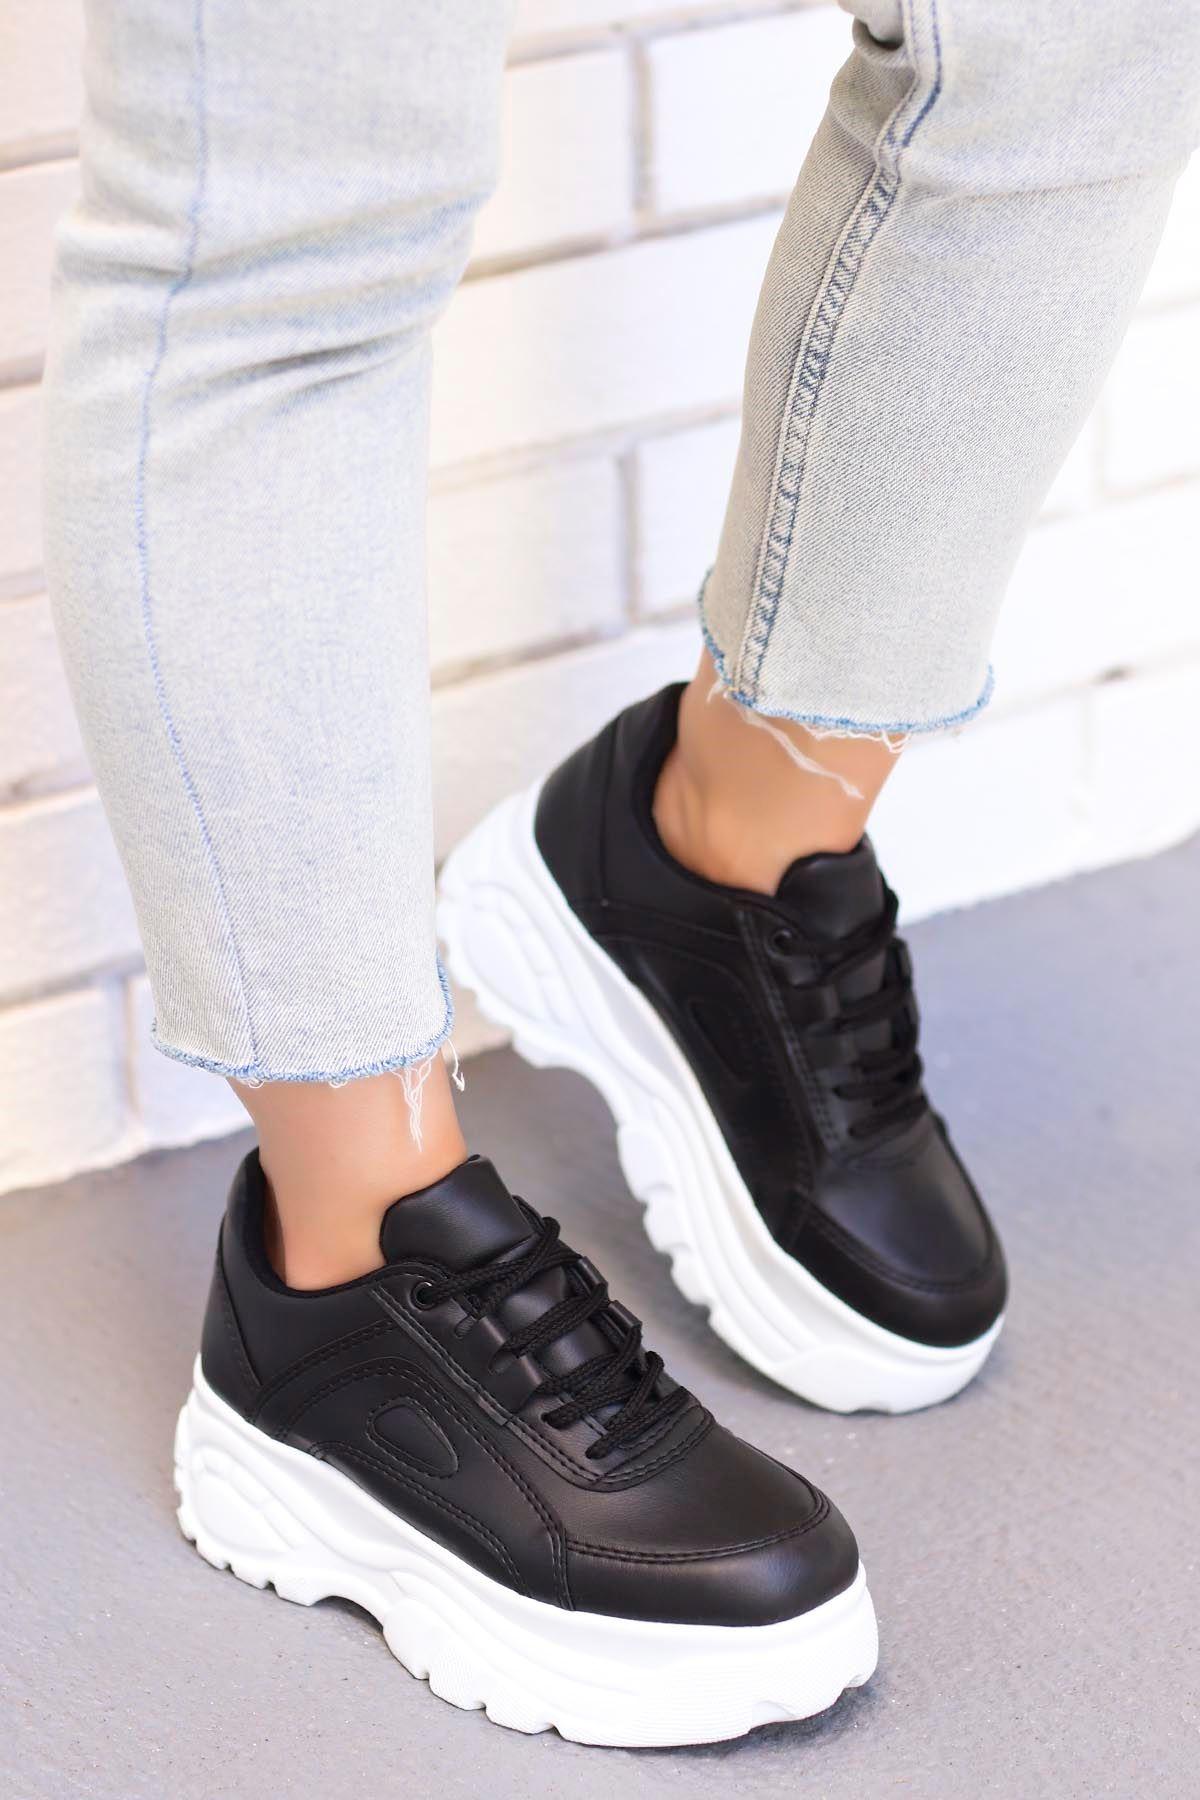 Peri Tabanlı Spor Ayakkabı Siyah Beyaz Taban